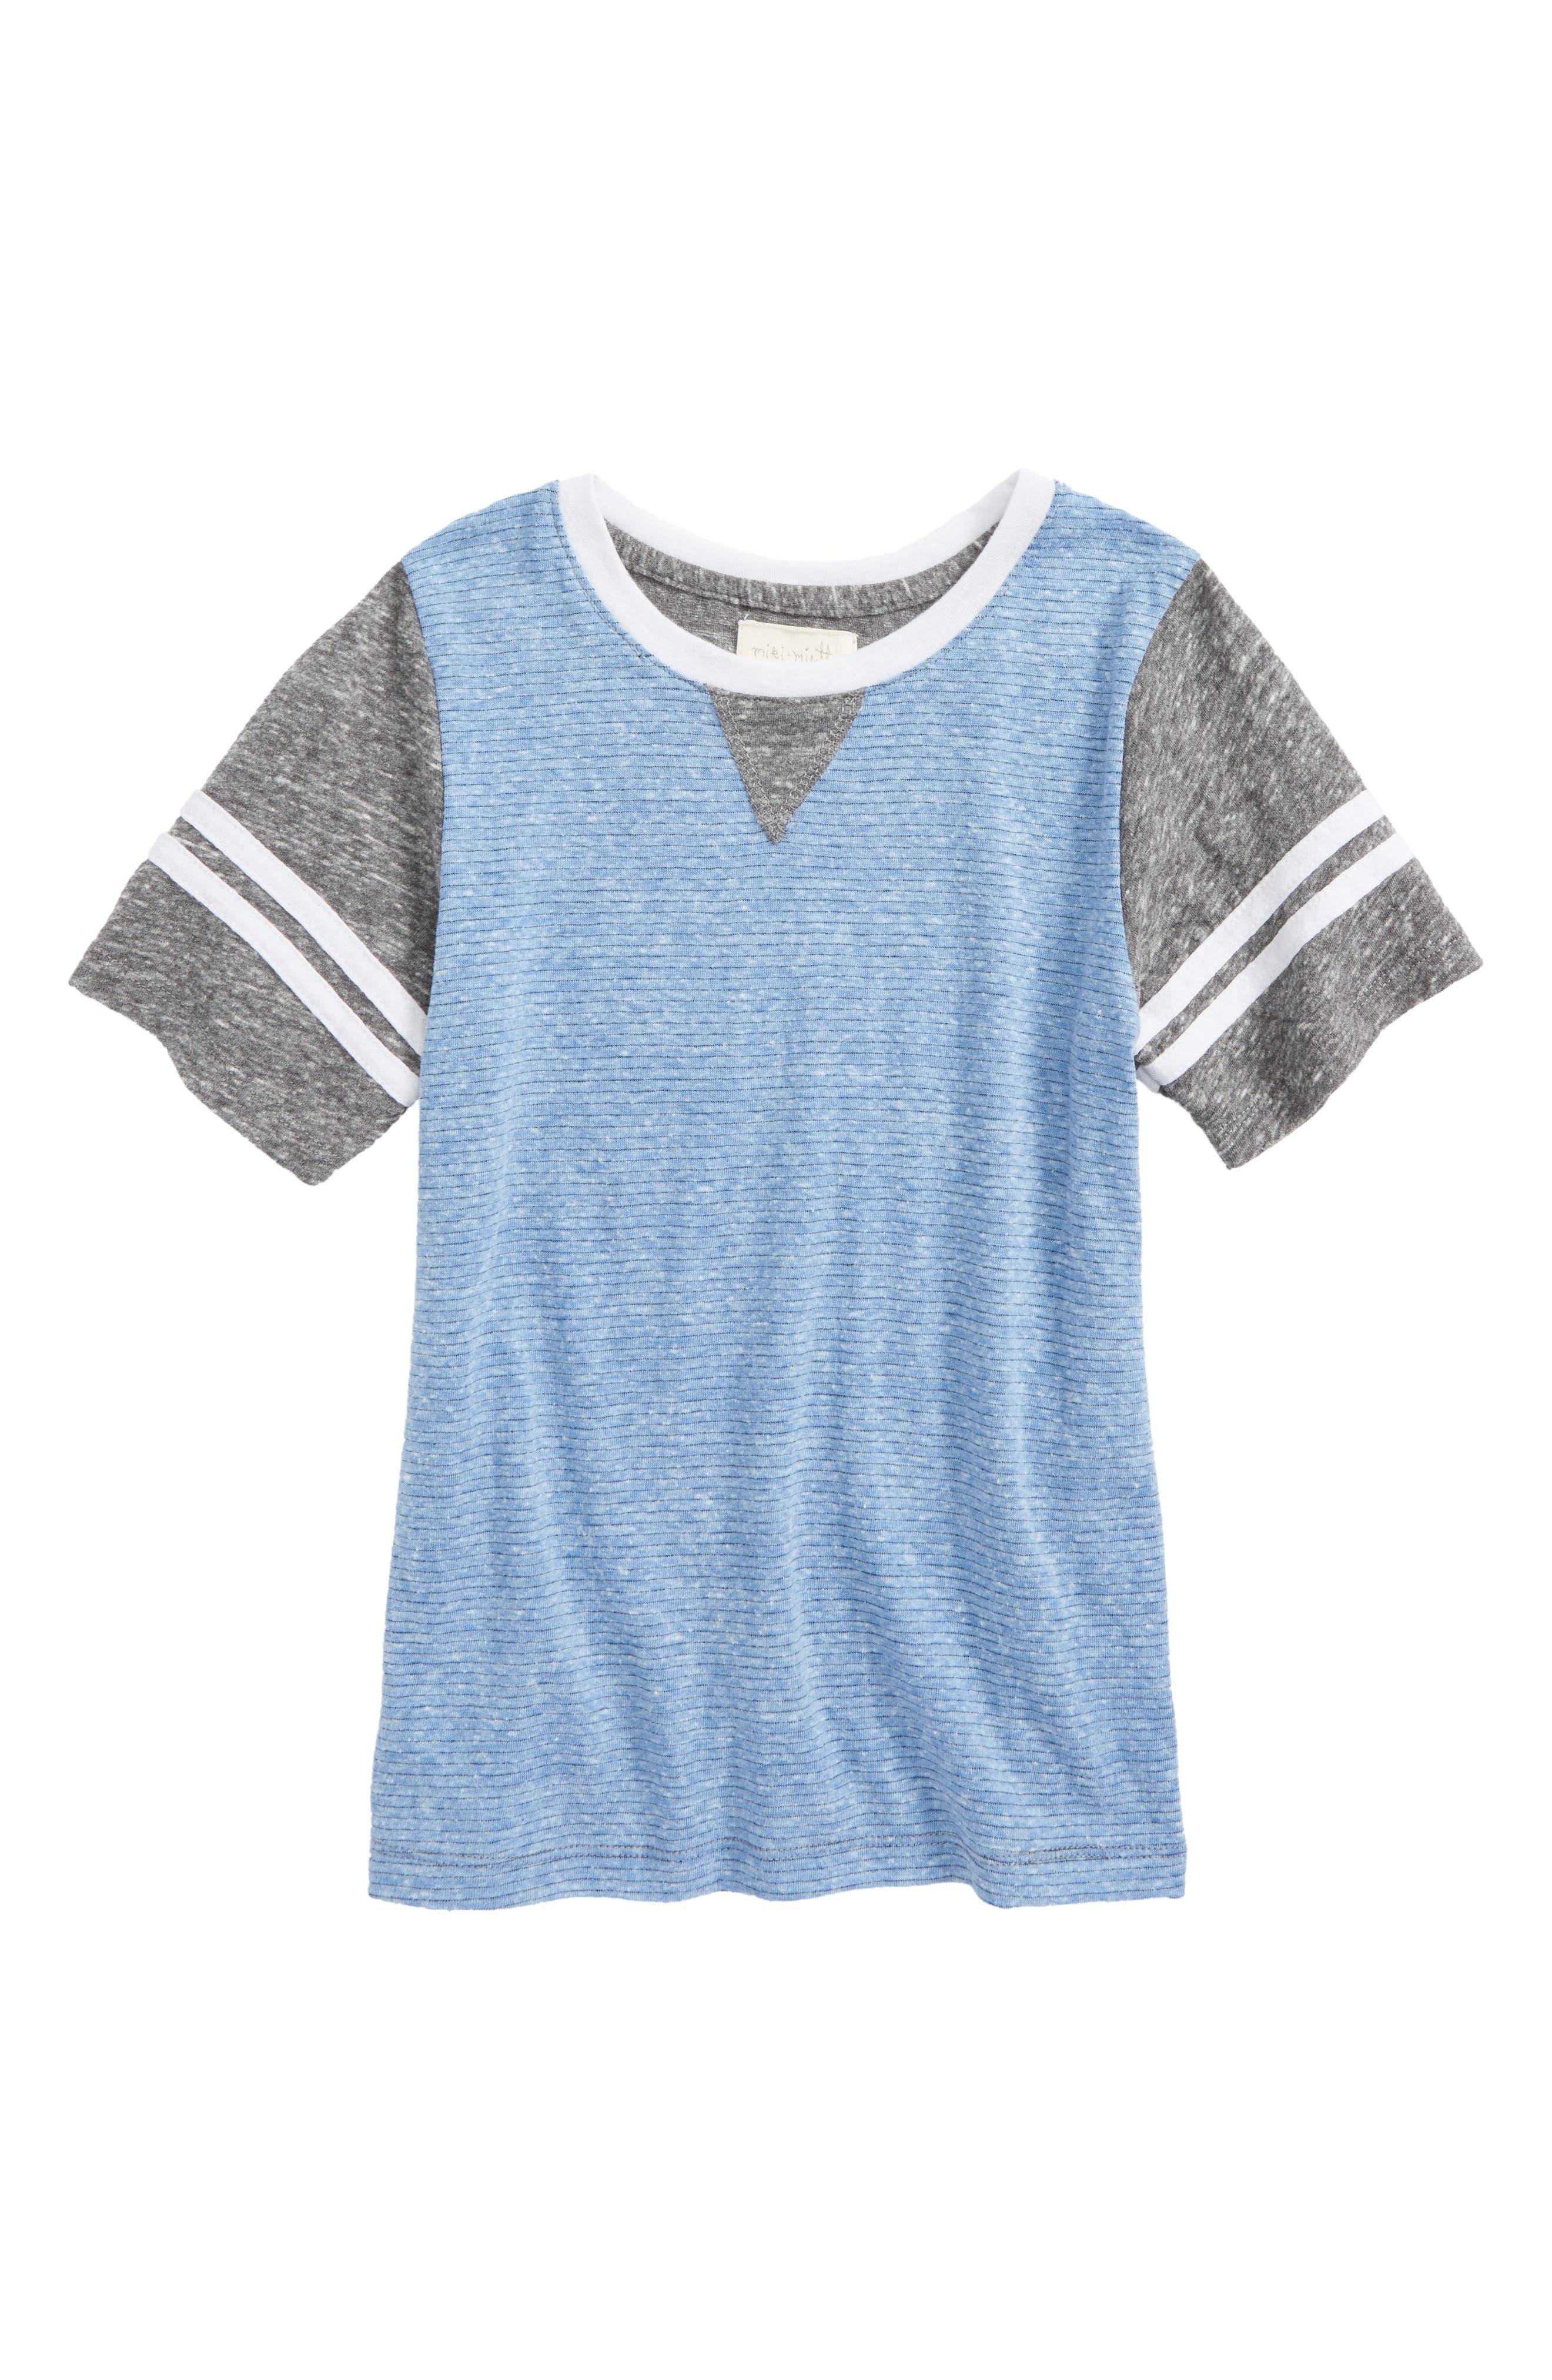 James T-Shirt,                             Main thumbnail 1, color,                             Bondi